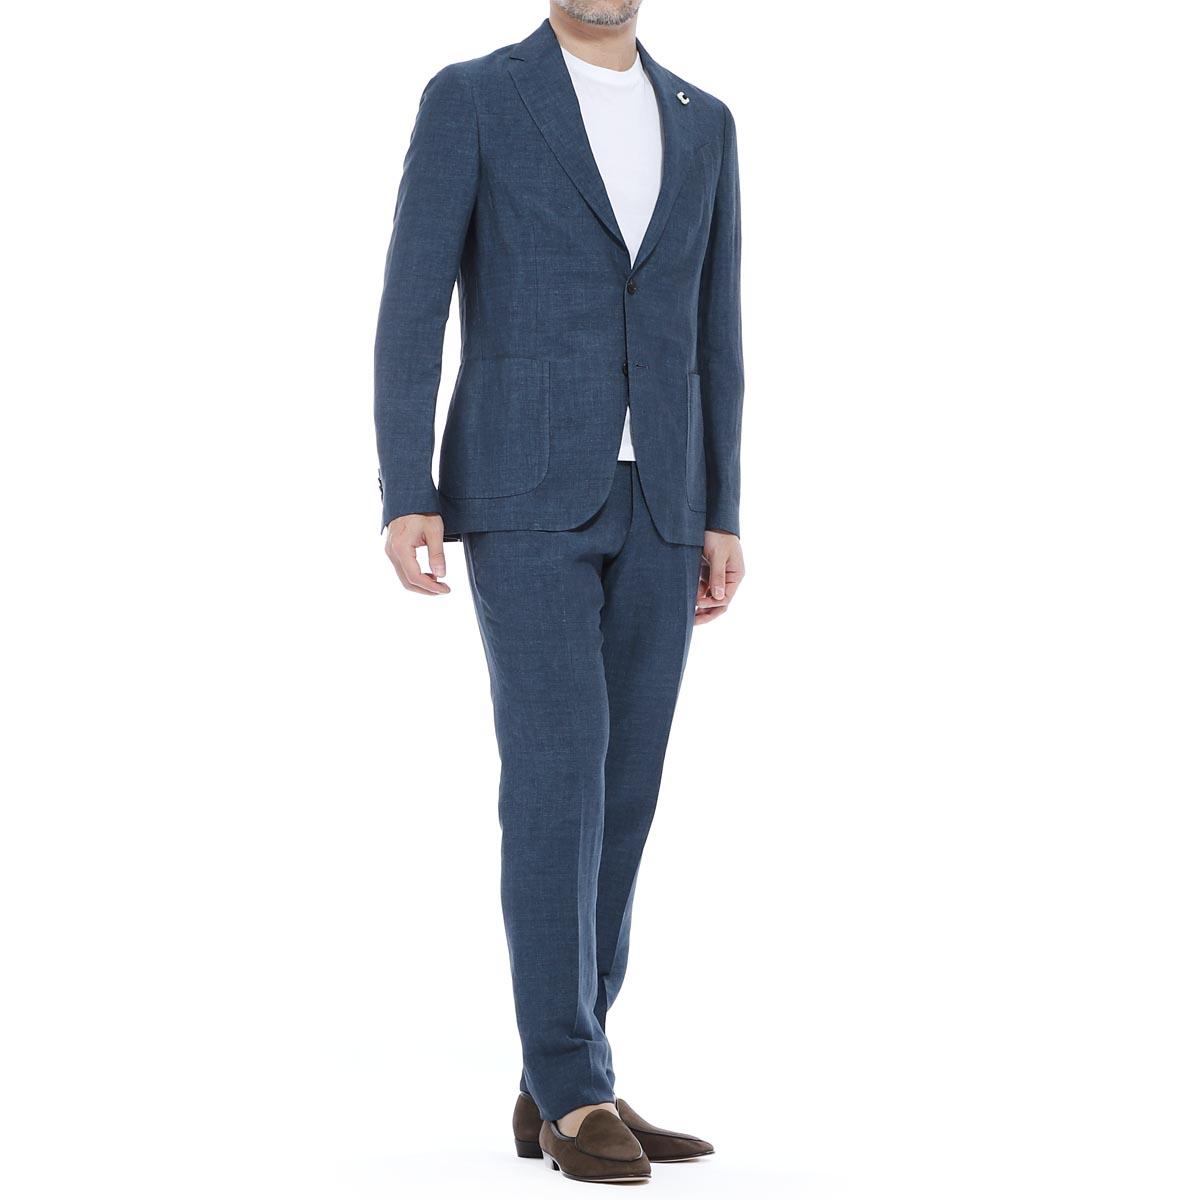 ラルディーニ LARDINI 2つボタンスーツ ブルー メンズ 大きいサイズあり ei077av eia54423 604 SUIT EASY ITALIAN FIT 【あす楽対応_関東】【返品送料無料】